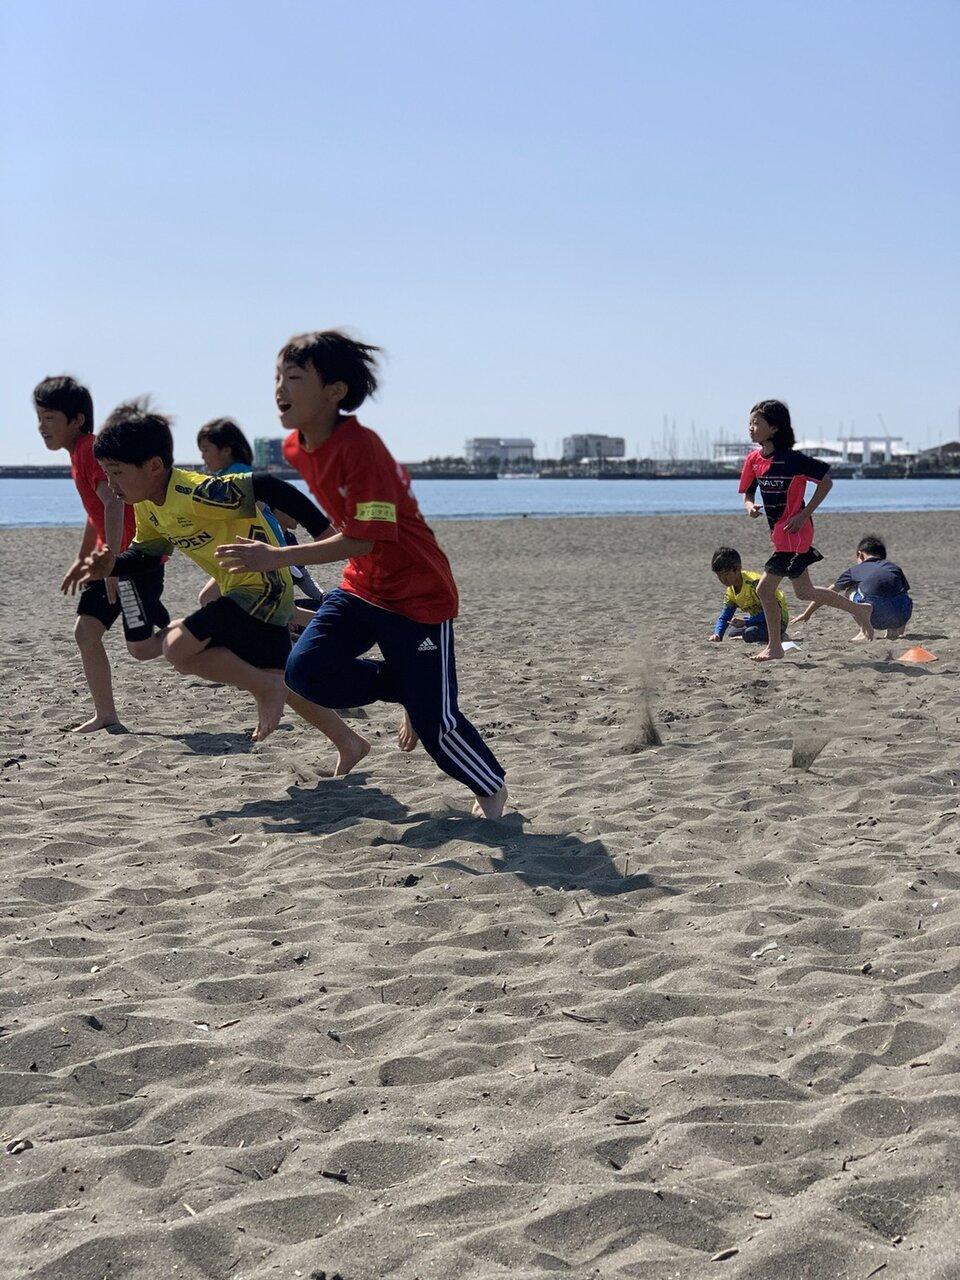 GoldenCUP SUMMER 参加受付開始!